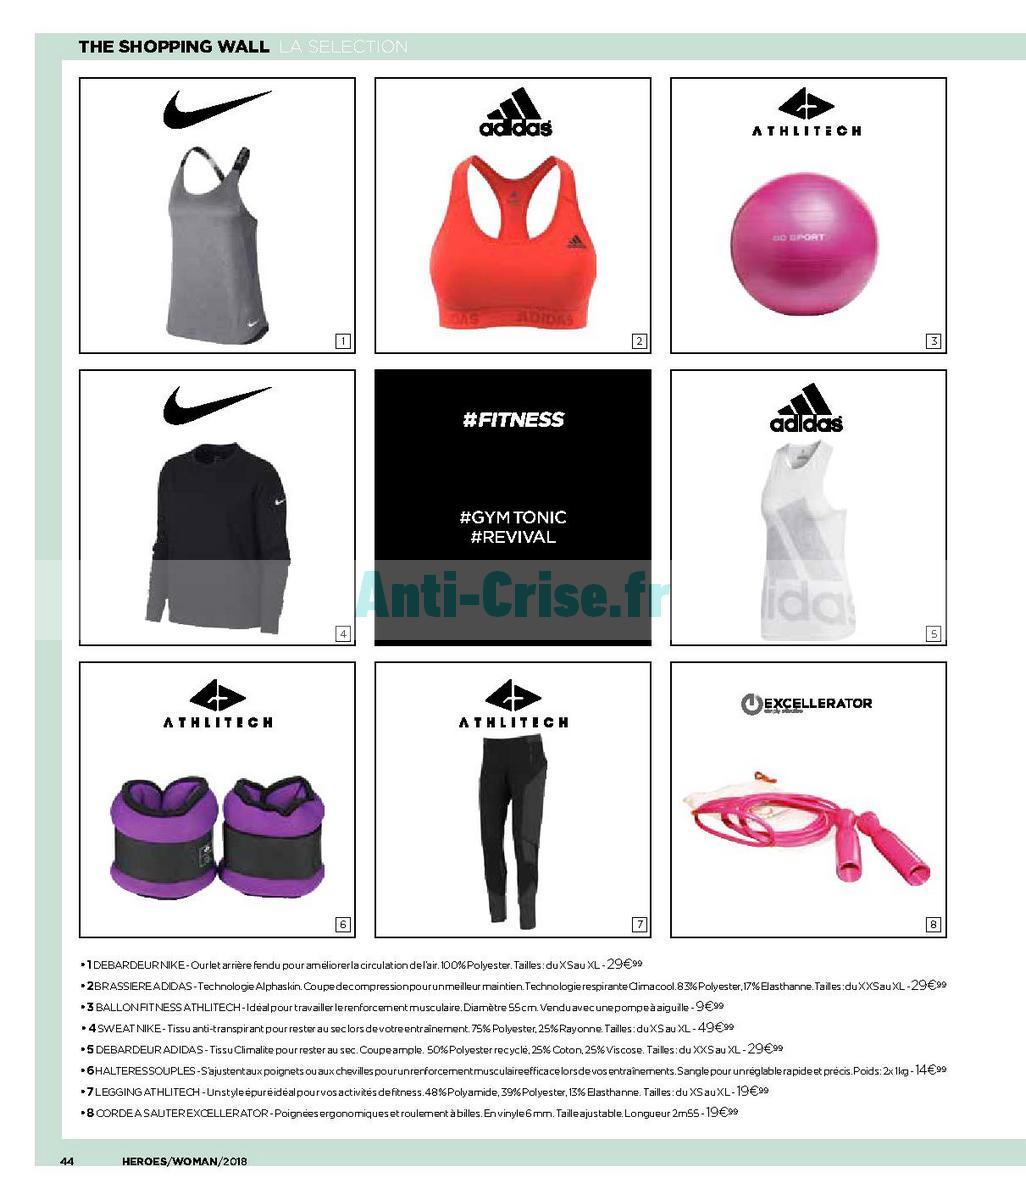 decembre2018 Catalogue Go Sport du 28 avril au 31 décembre 2018 (Spécial Femme) (44)